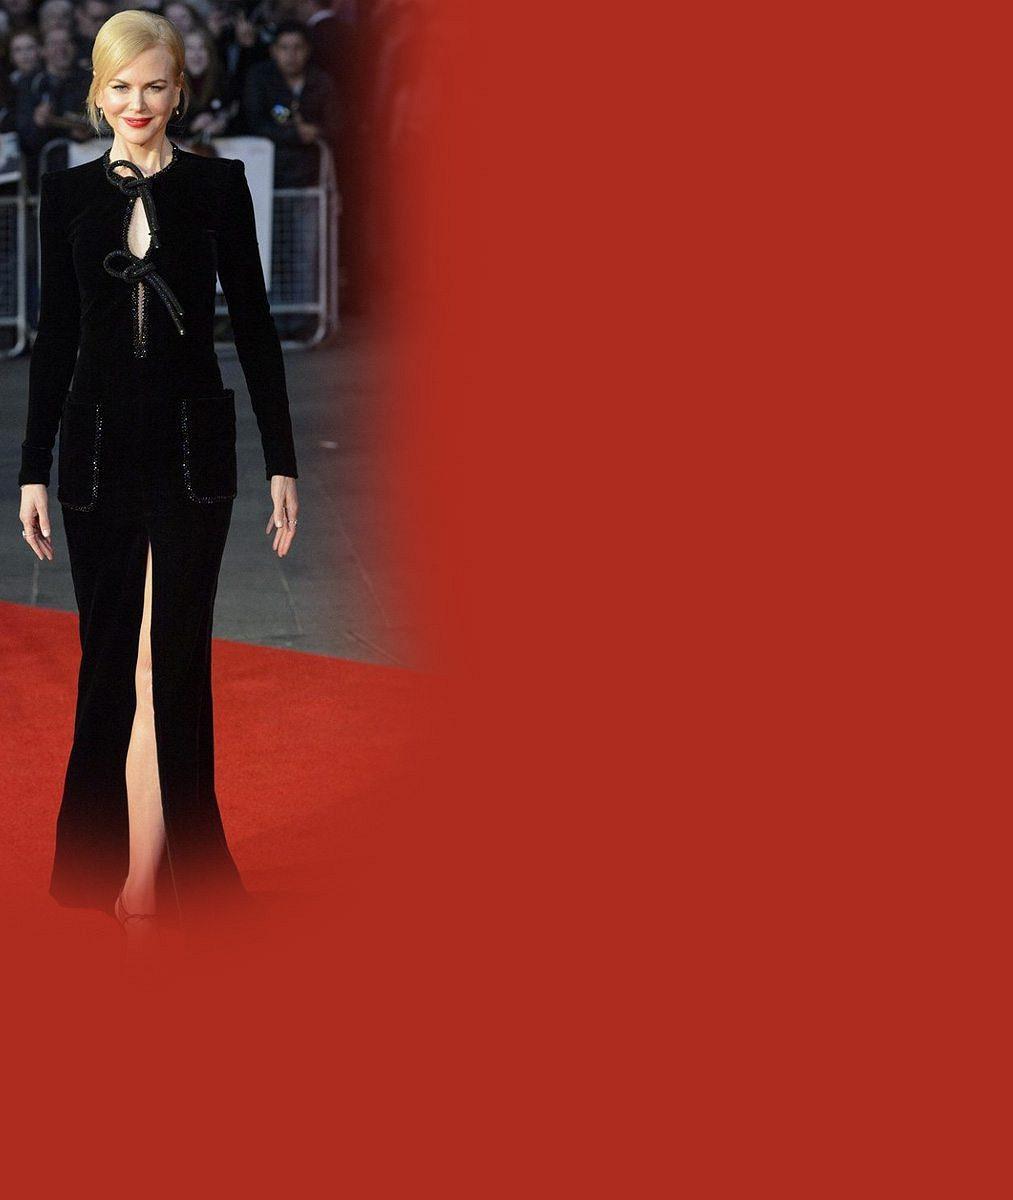 Trapas na červeném koberci: Nicole Kidman potrápily šaty s rozparkem až k rozkroku